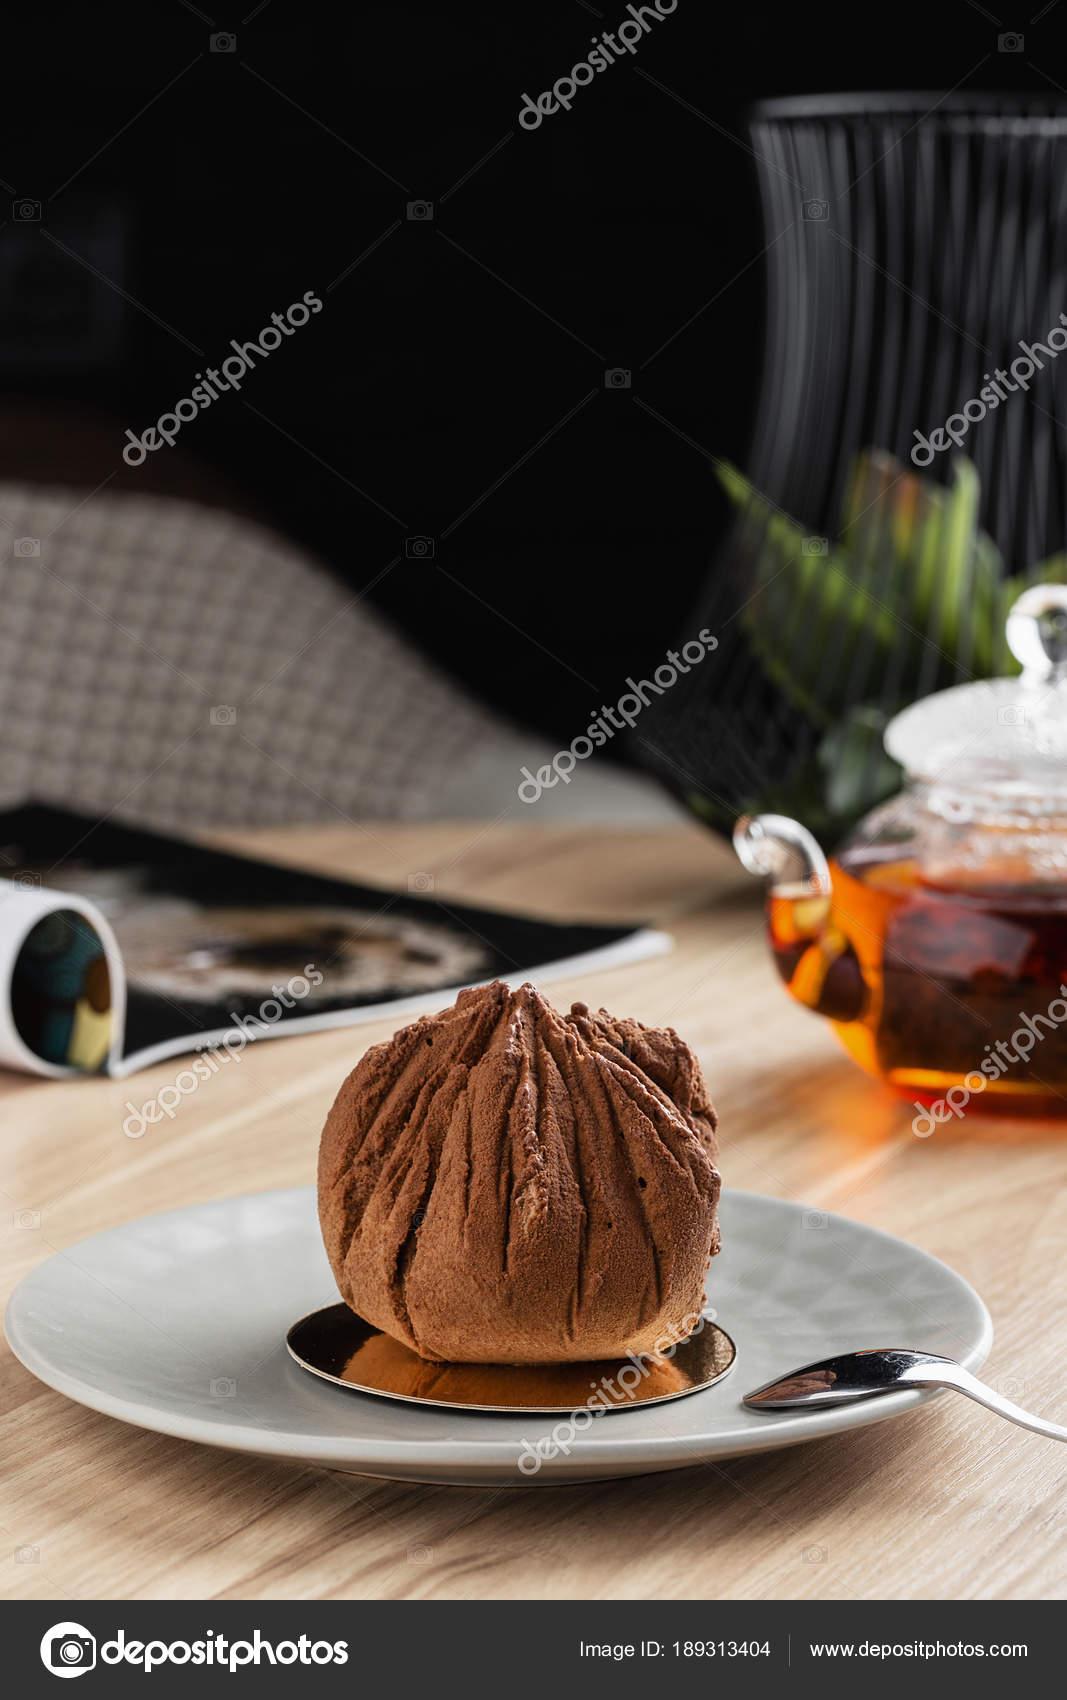 Mini Mousse Kuchen Tasche Form Bedeckt Mit Schokolade Velours Auf Grau U2014  Stockfoto